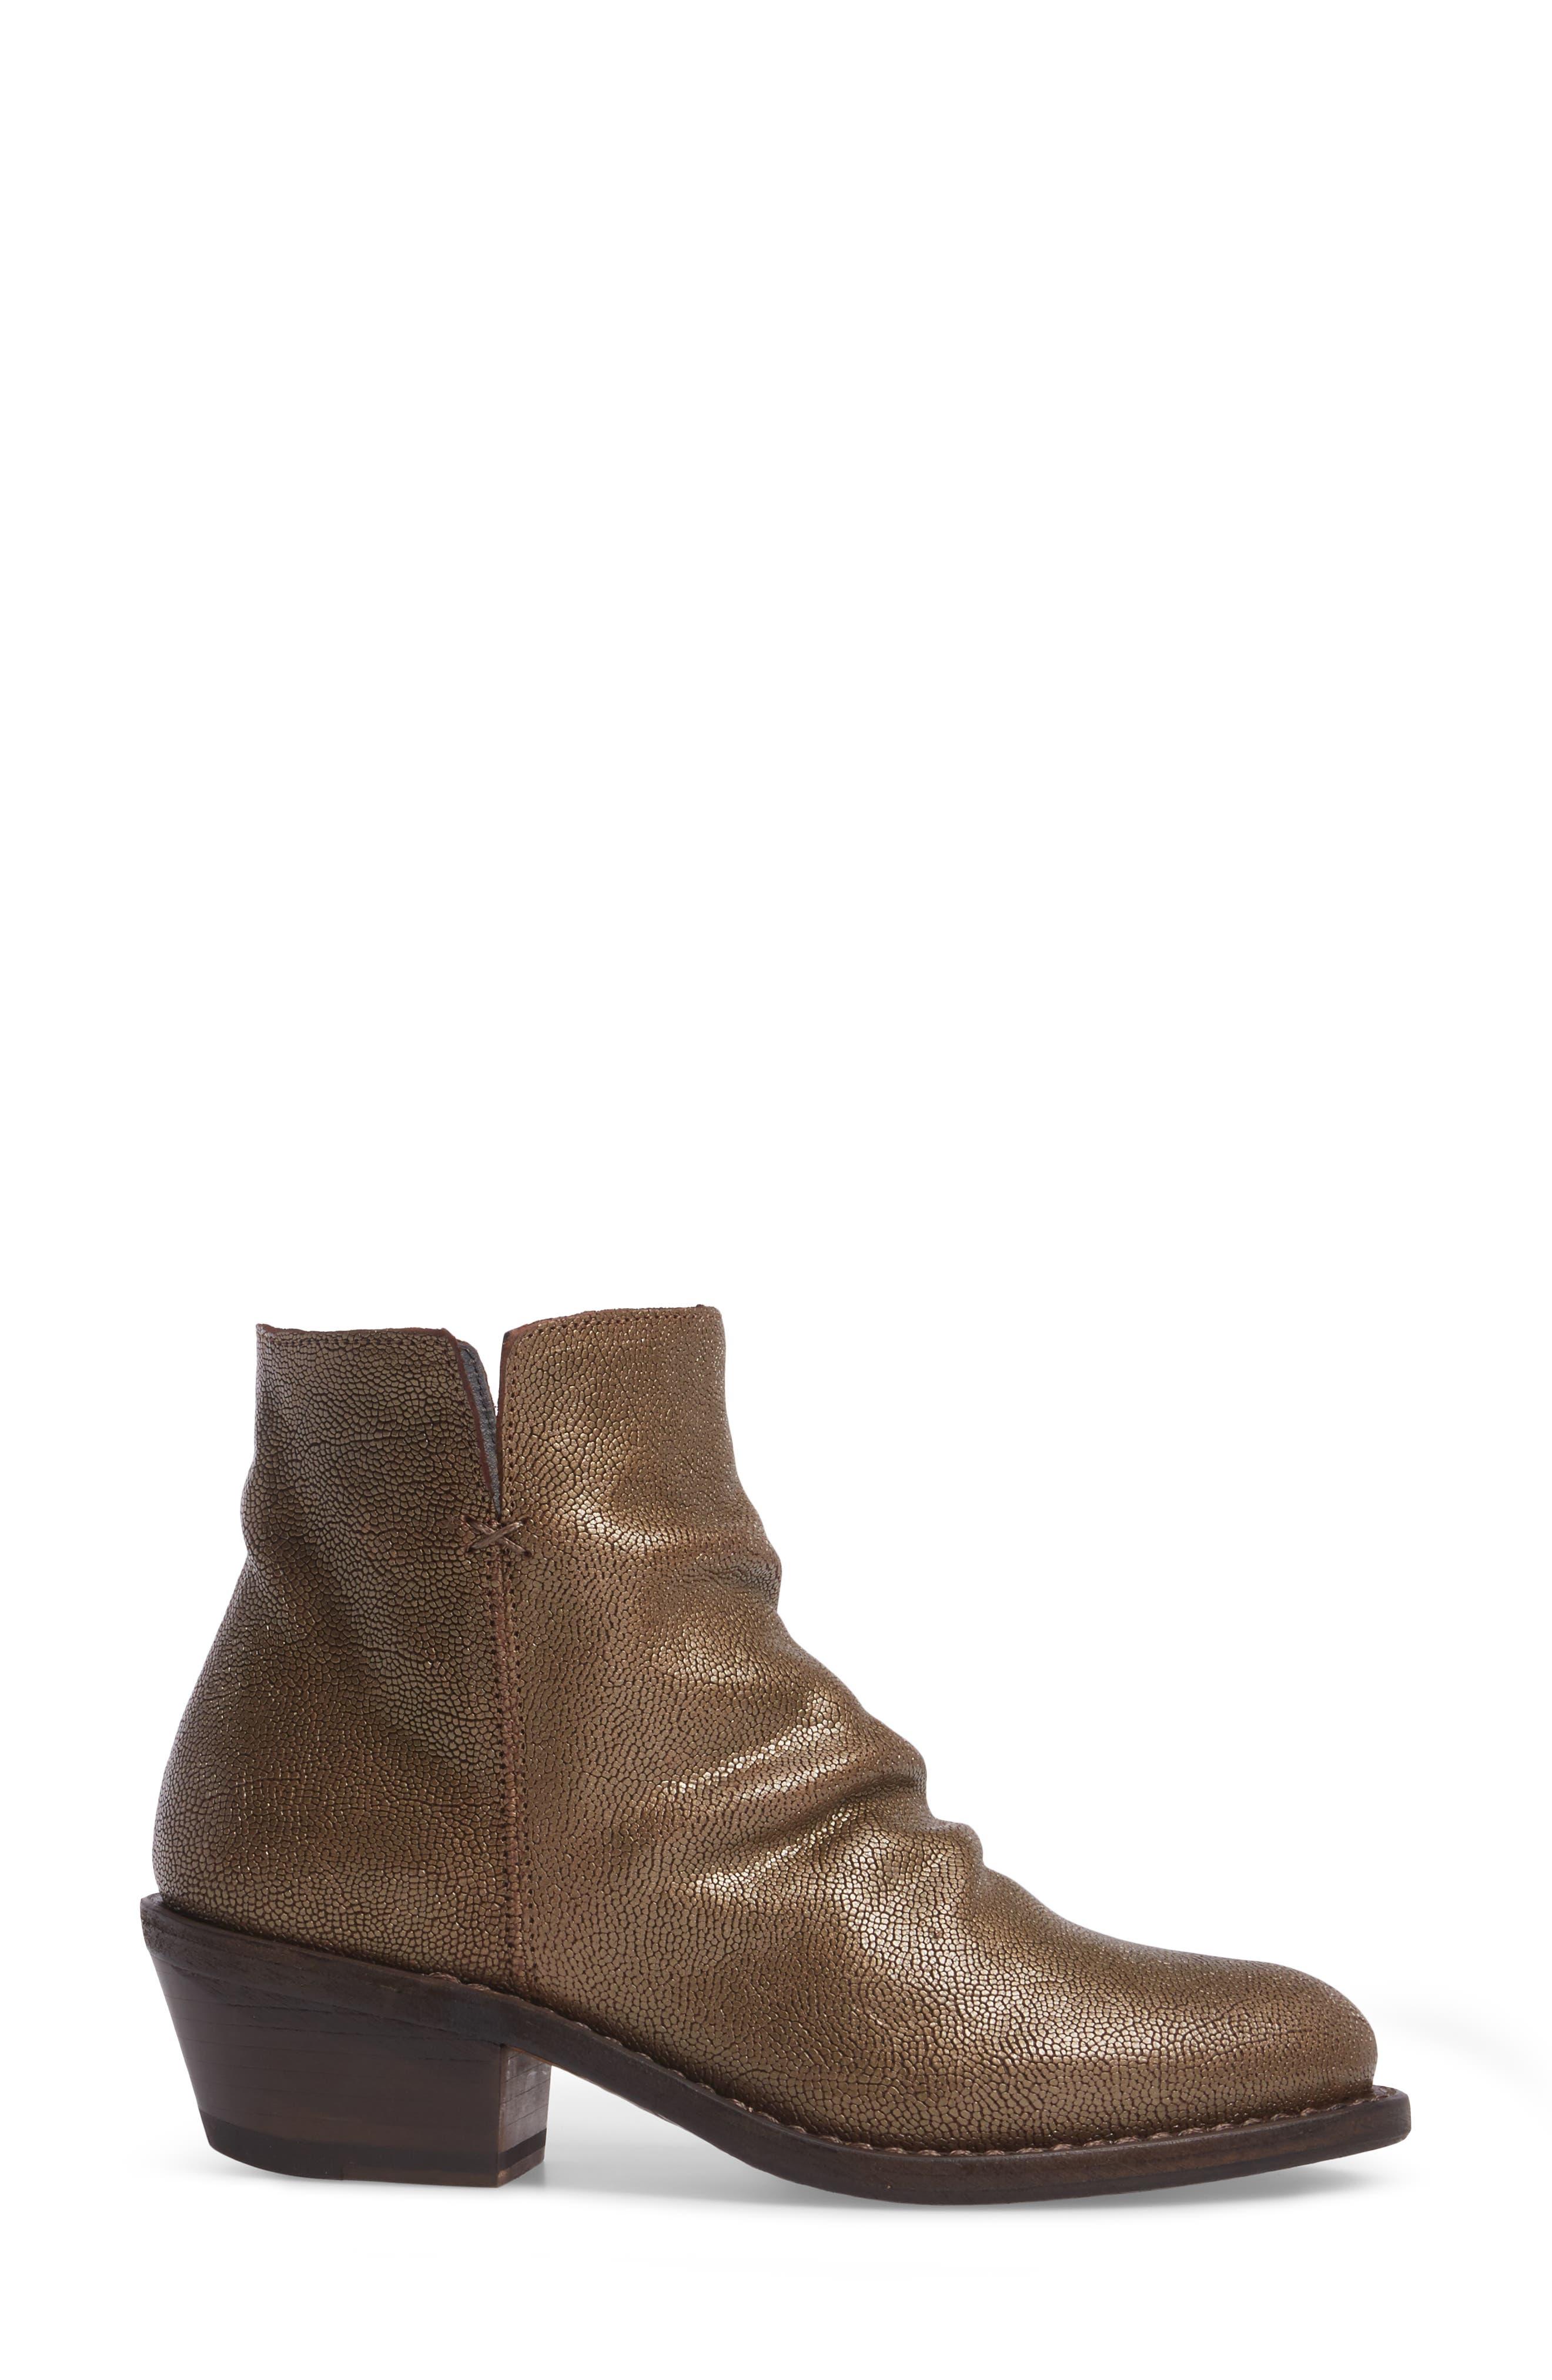 Alternate Image 3  - Fiorentini & Baker Boot (Women)